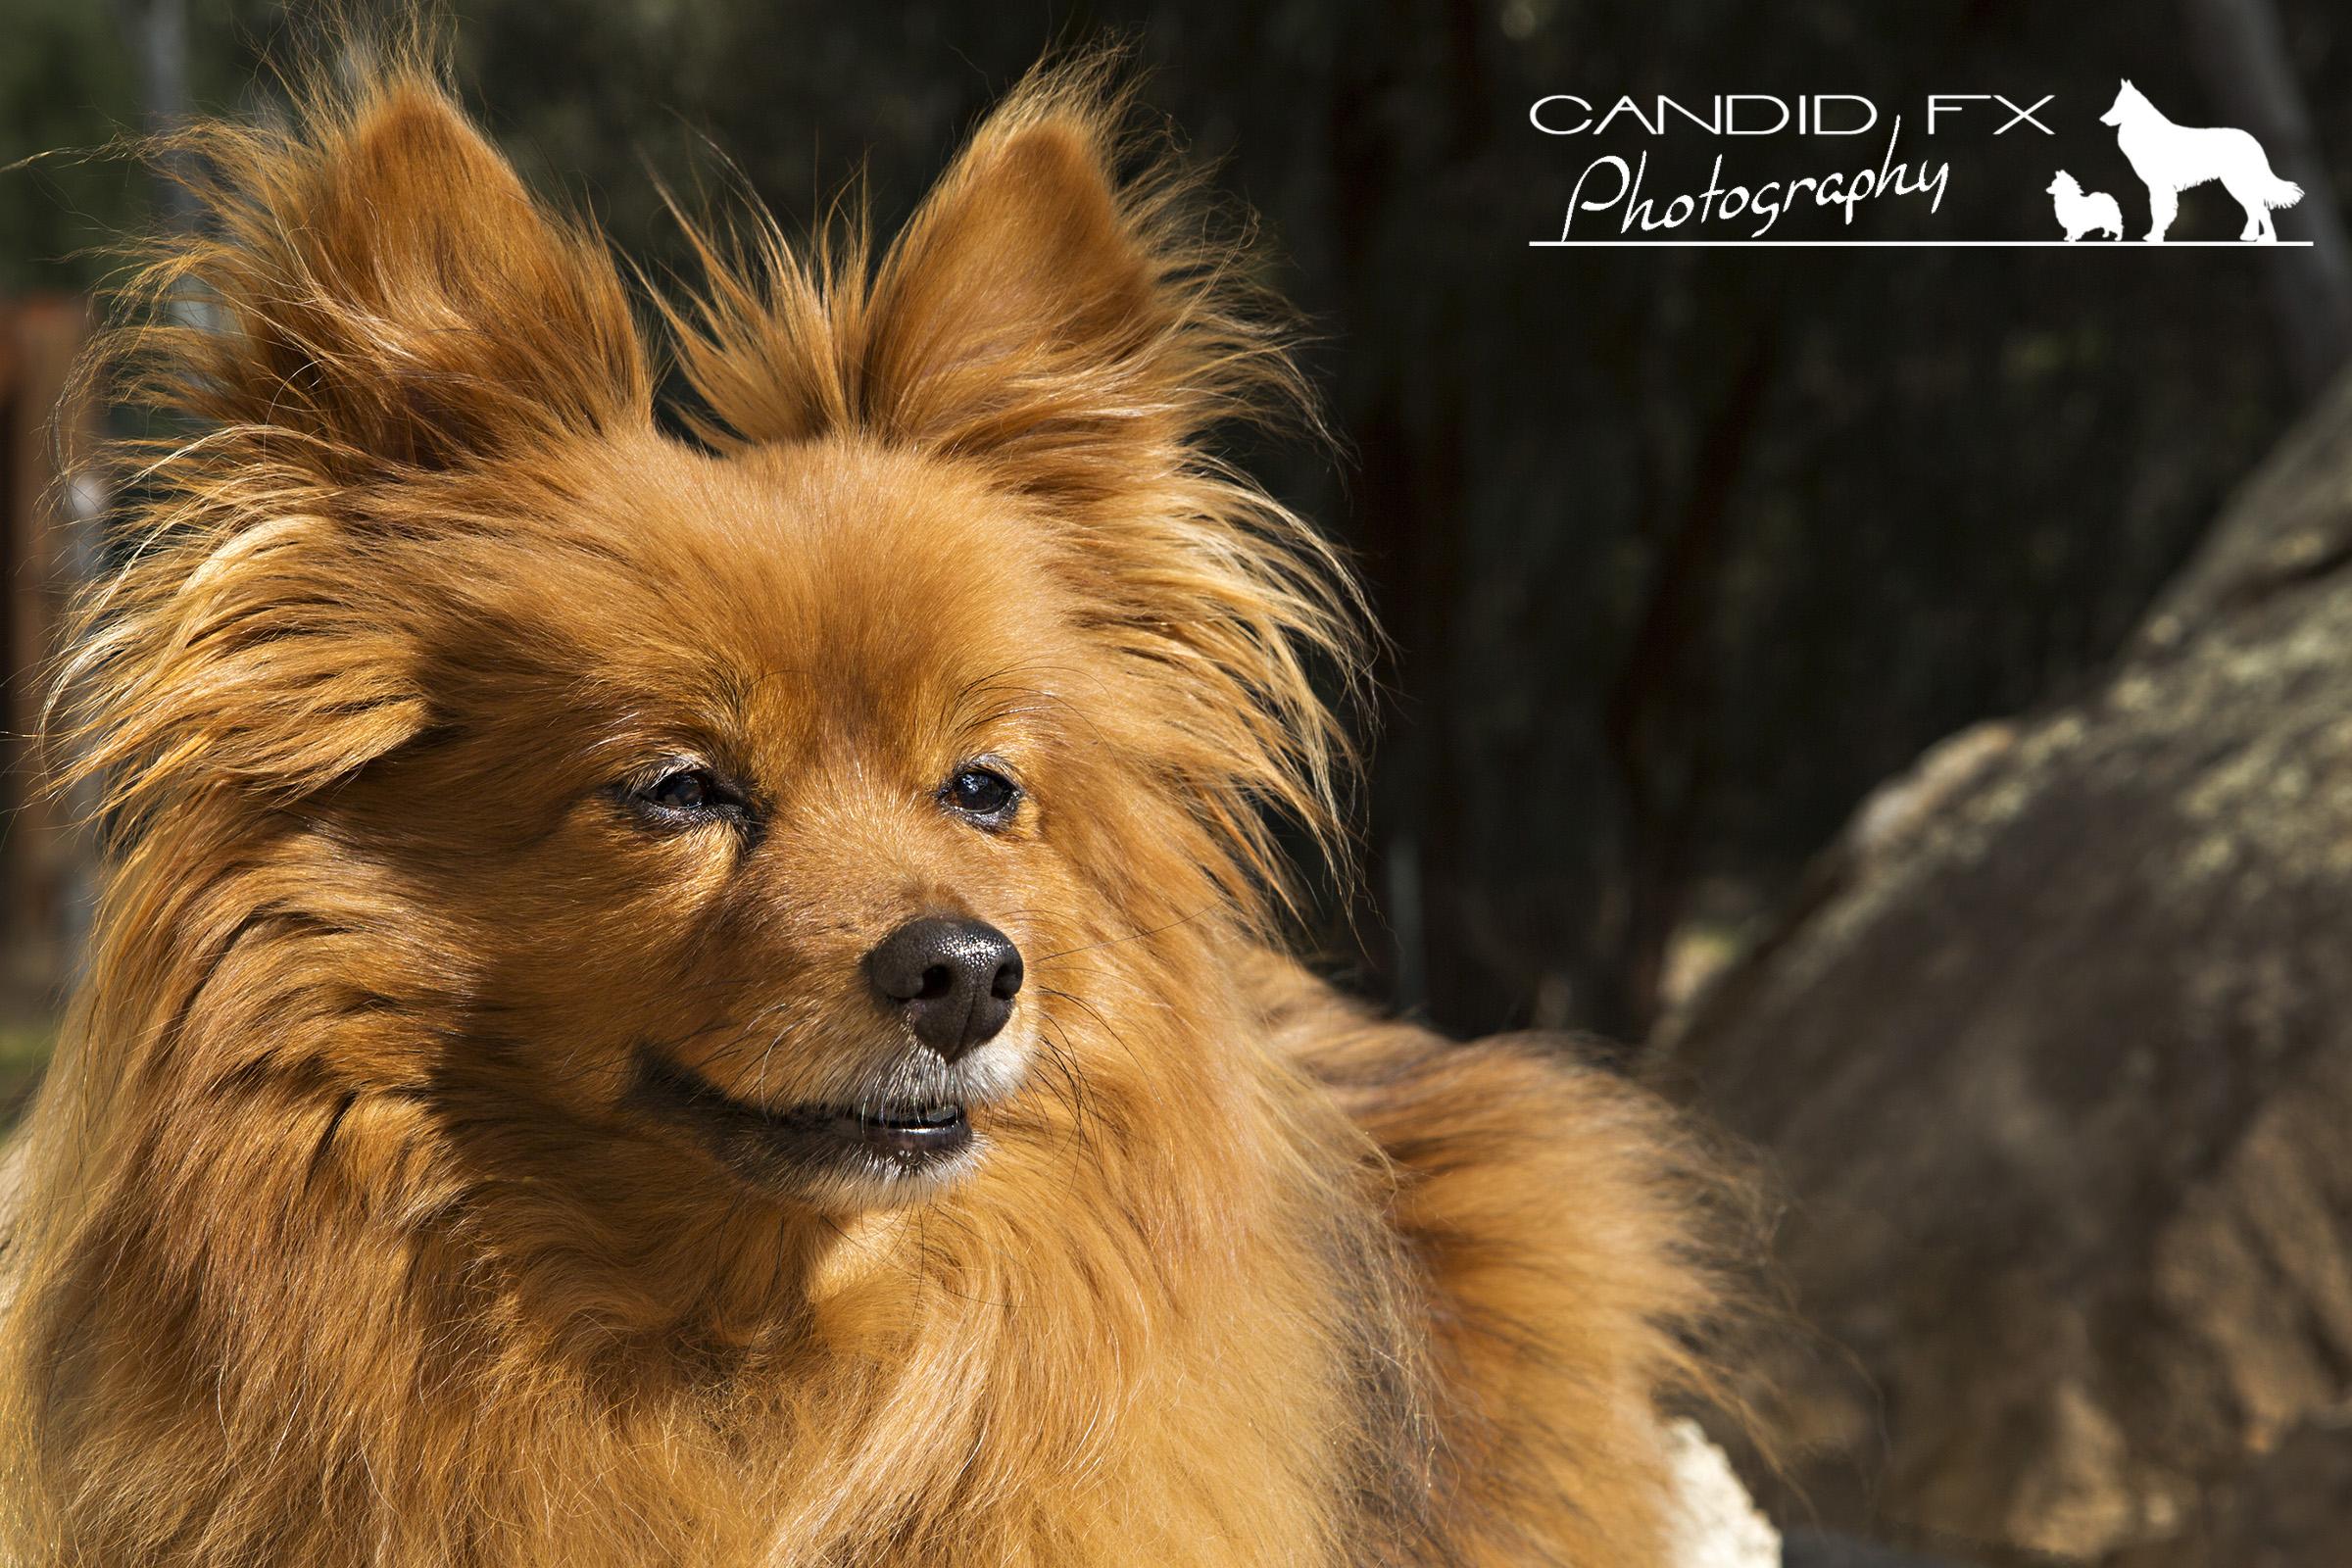 Kiko & Loki Candid FX Photography